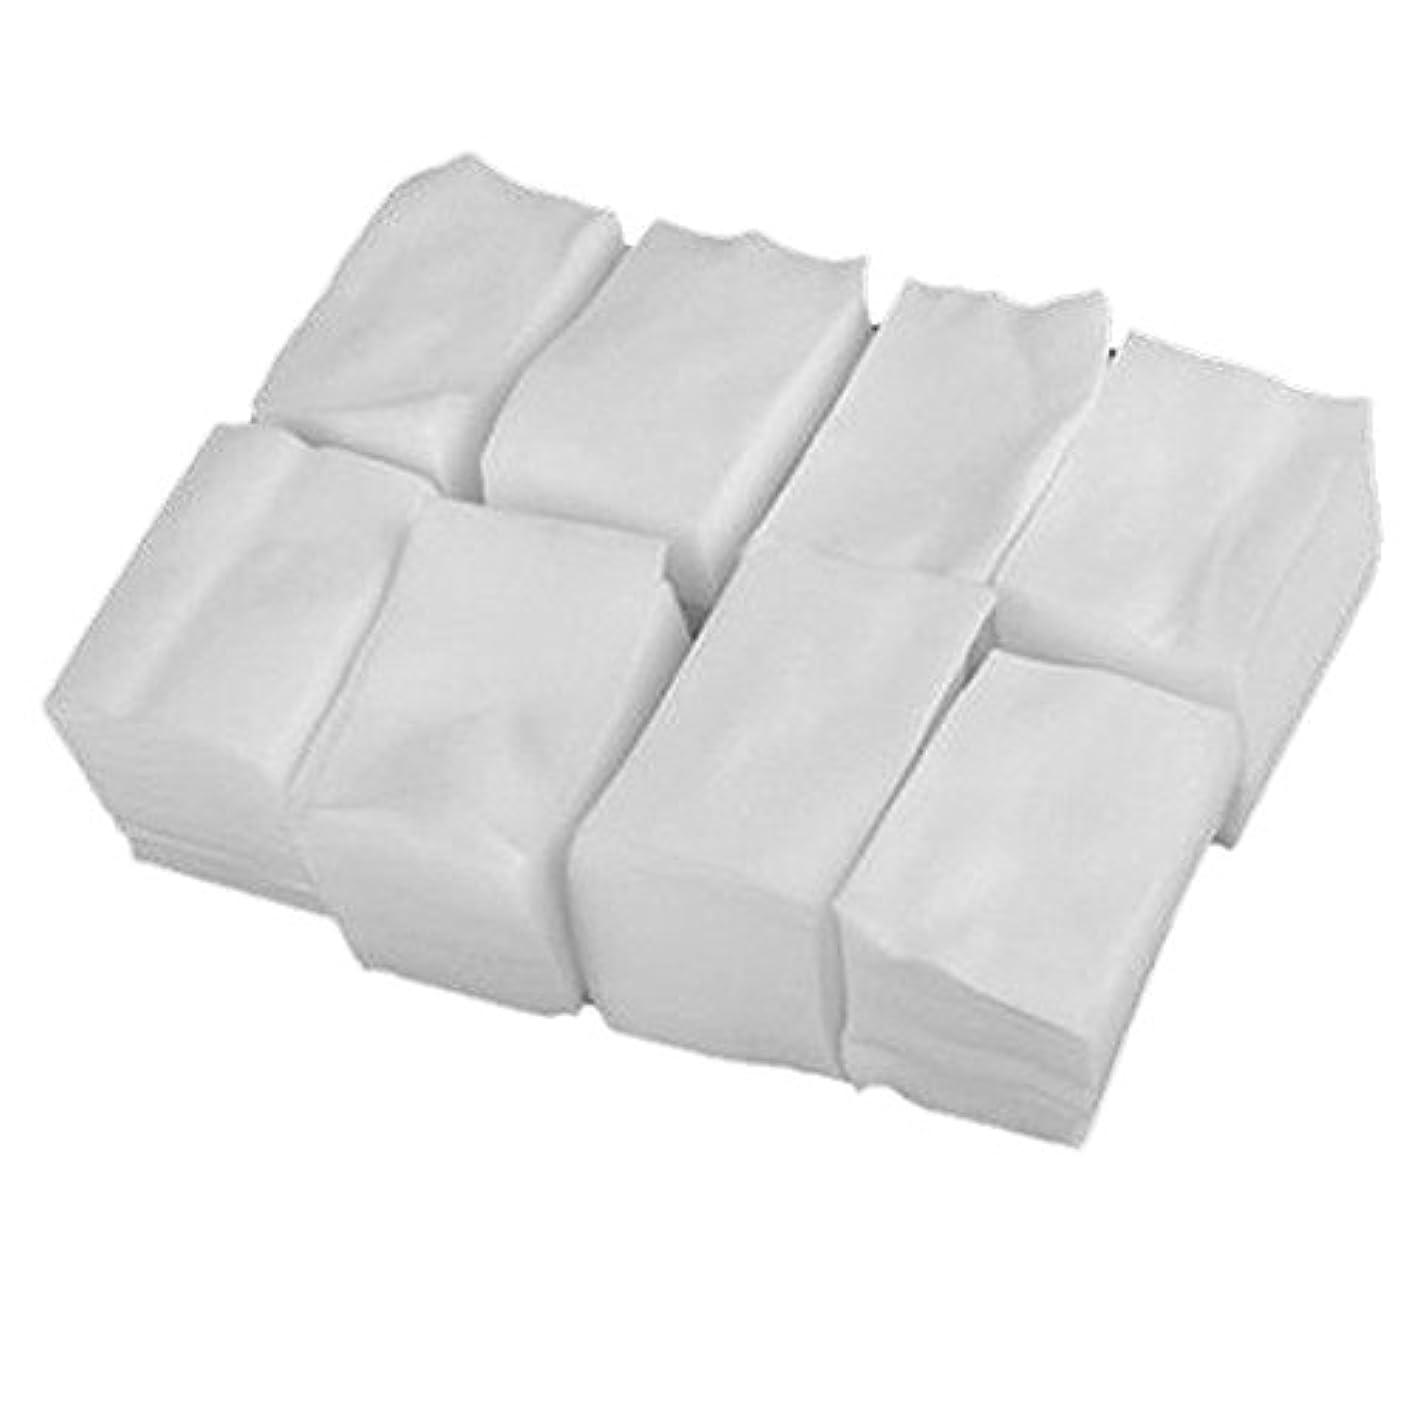 スリムカーフ情報Vi.yo ネイル ジェル ワイプ 天然素材 不織布 コットン ジェルの拭き取り 油分除去 クリーニング 900枚以上